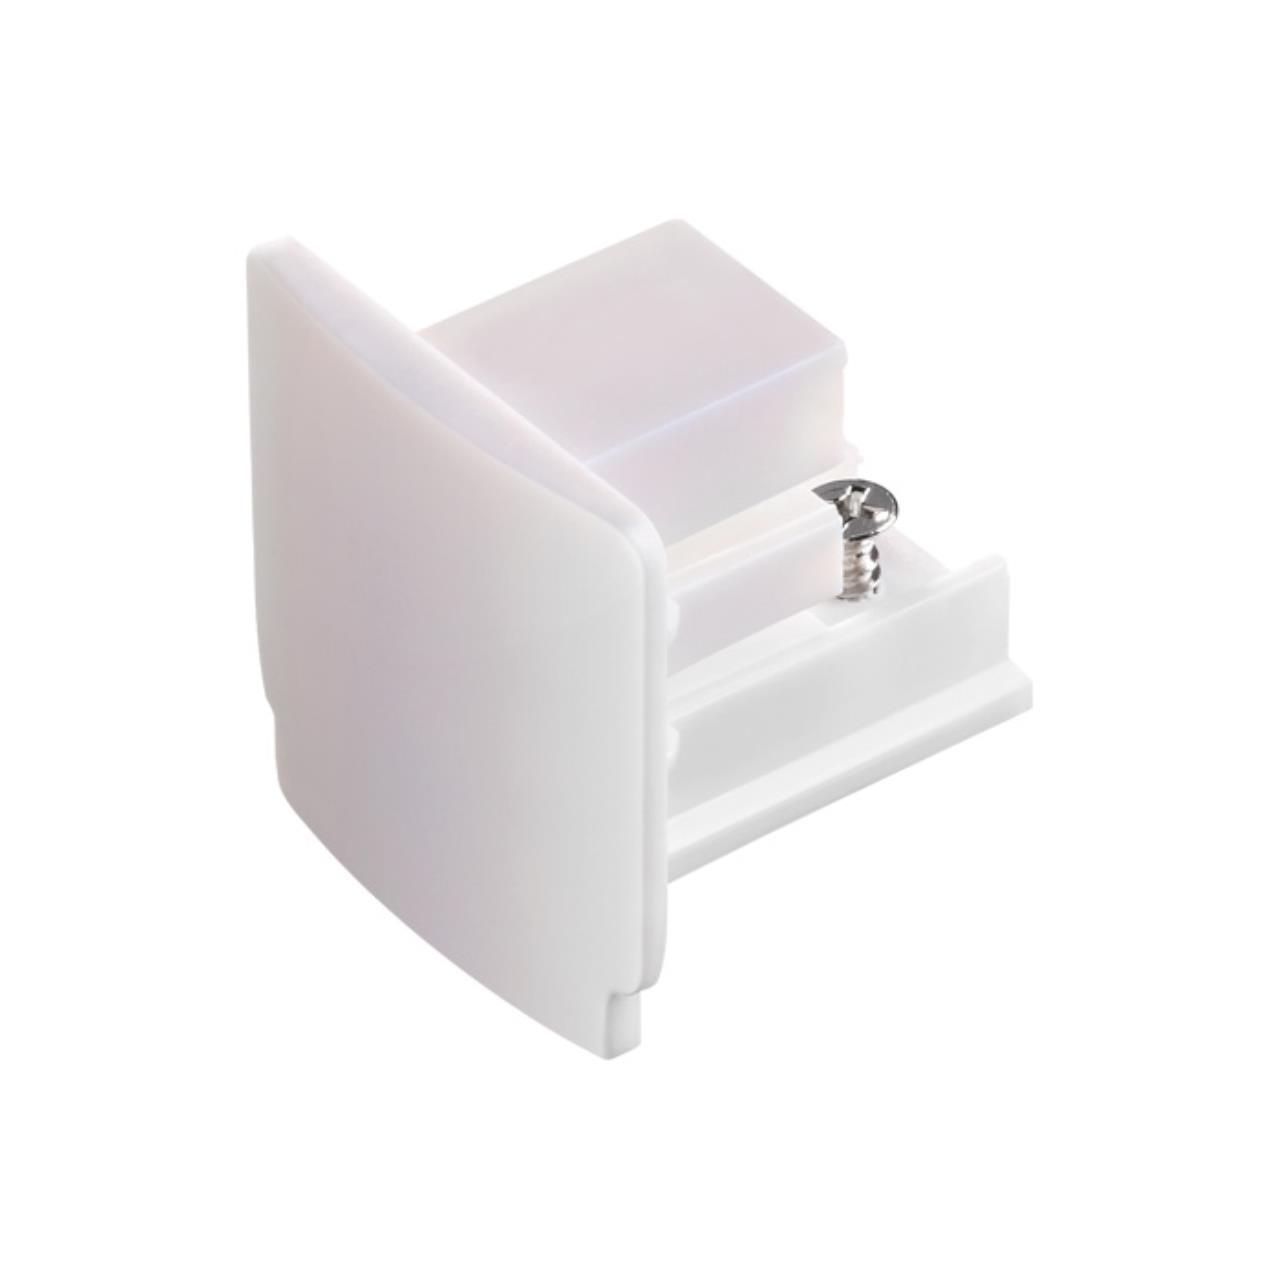 135044 PORT NT19 012 белый Заглушка торцевая для трехфазного шинопровода IP20